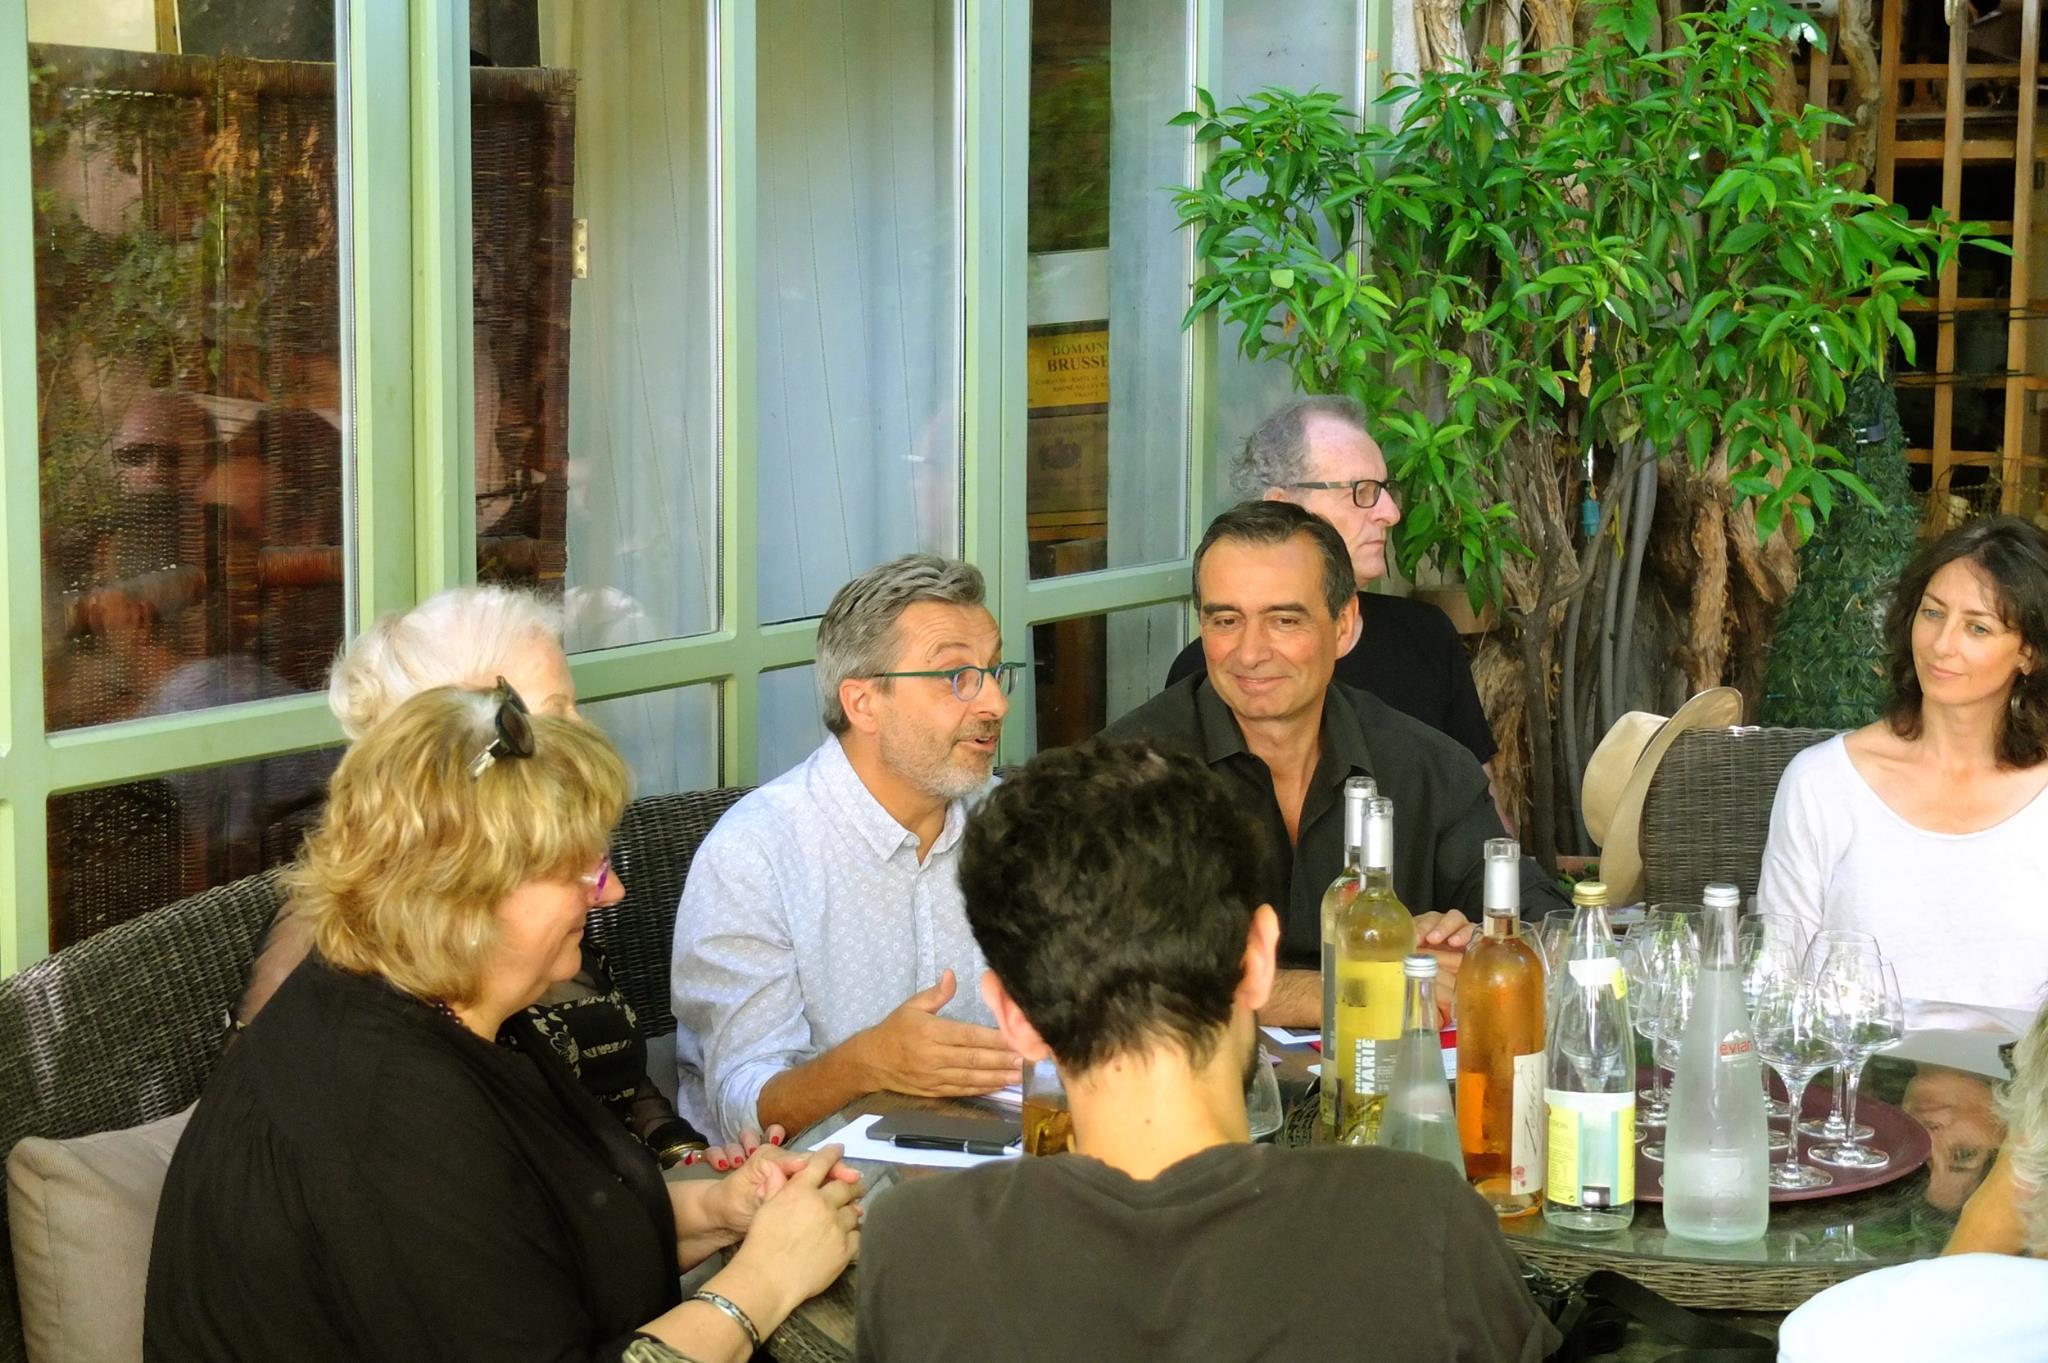 Conférence de presse à la Maison de Fogasses - 5 juillet  2017 (de gauche à droite : Laurence Lefèvre, Paule Tavera-Soria, Frédéric Tort, Robert Guillot, Stéphane Pellet, Natacha Liège)